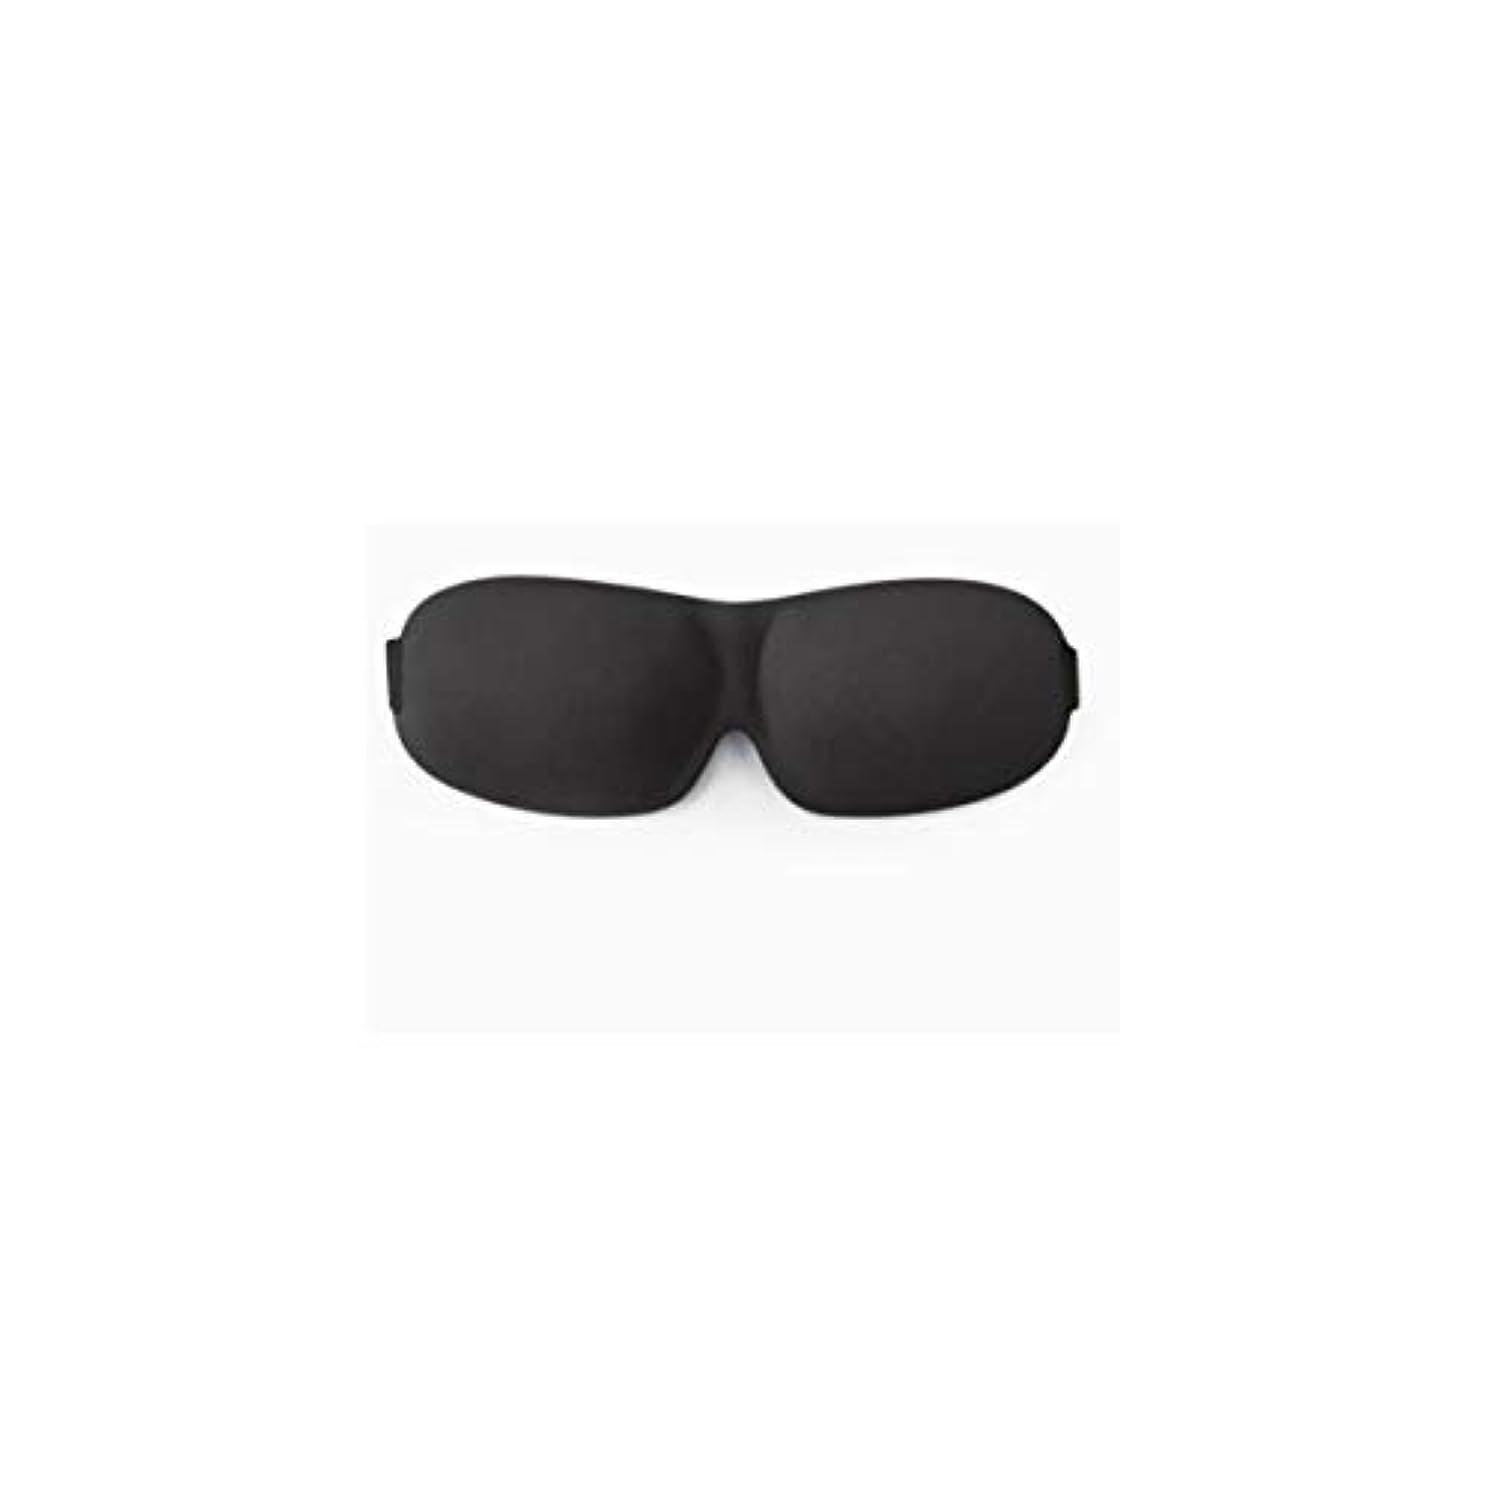 部分的に変な湿った快適な3D通気性の睡眠のアイマスク、男性と女性は快適で通気性の睡眠の睡眠のマスクをシェード (Color : Black)